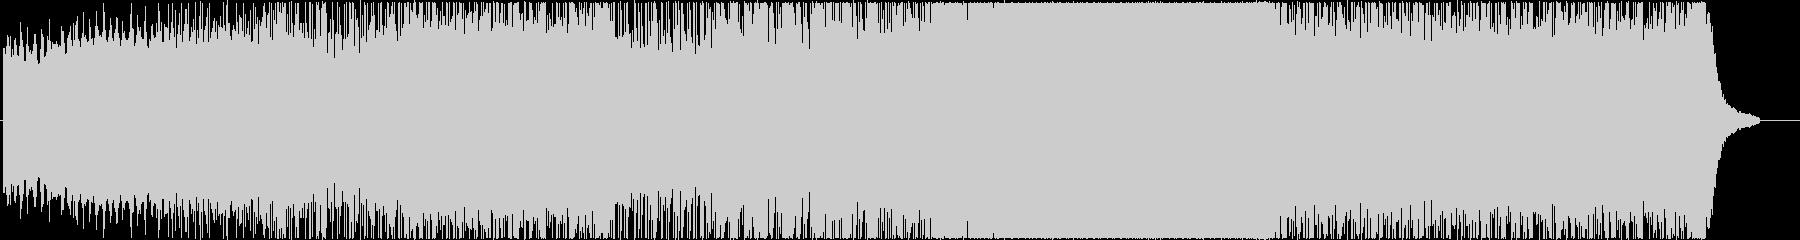 幻想的なピアノとストリングスのBGMの未再生の波形